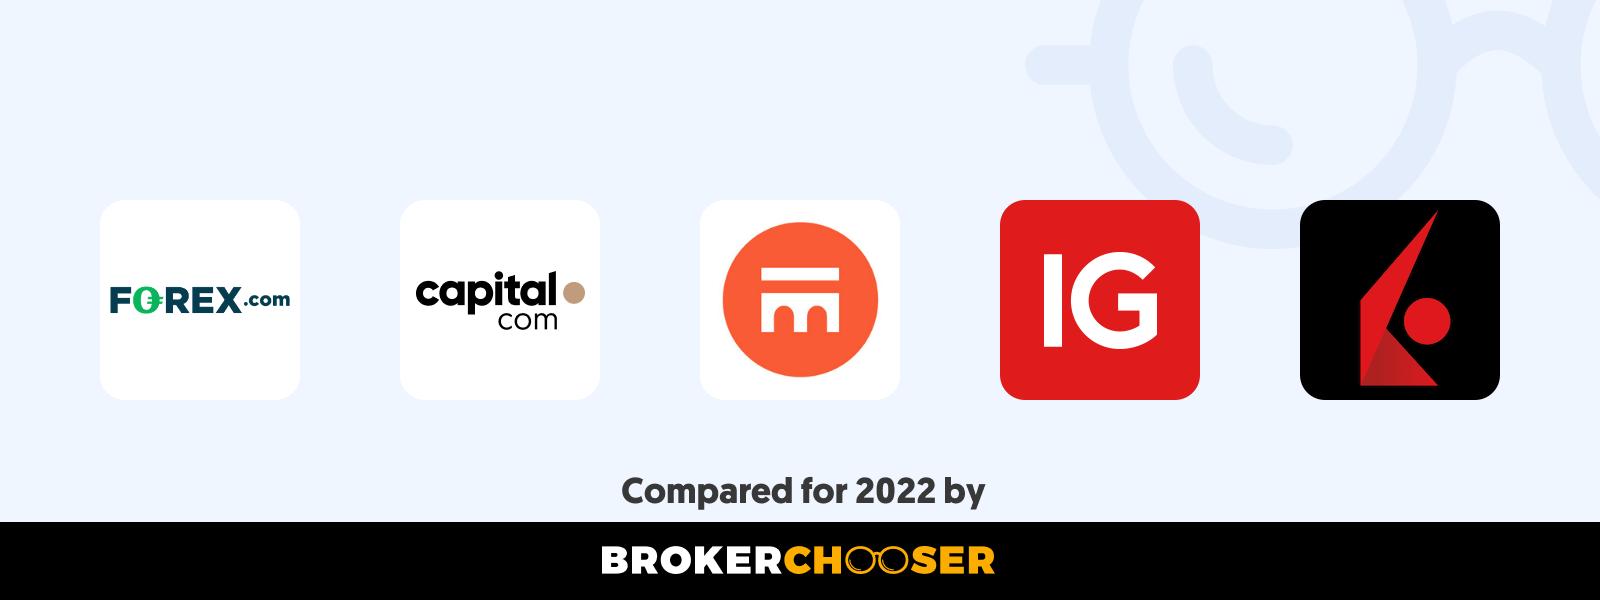 Best forex brokers for beginners in Uzbekistan in 2021